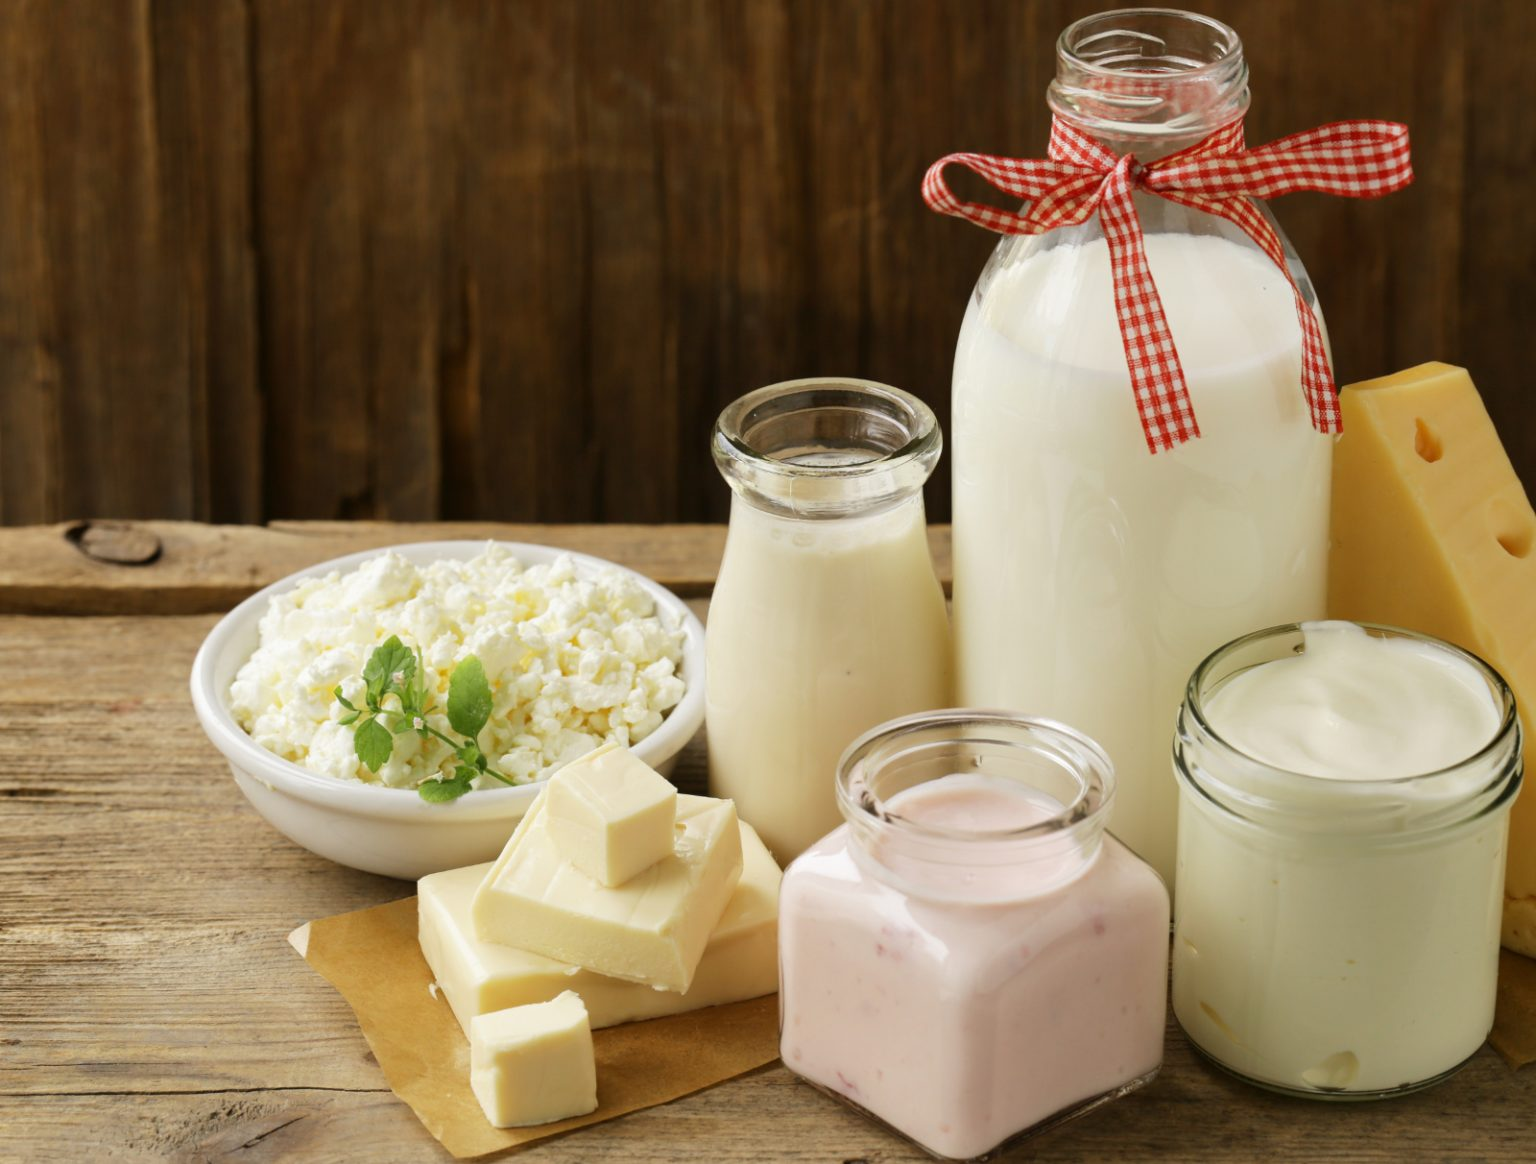 Молочная «кухня»: томские власти и производители «молочки» обсудили успехи и будущее отрасли